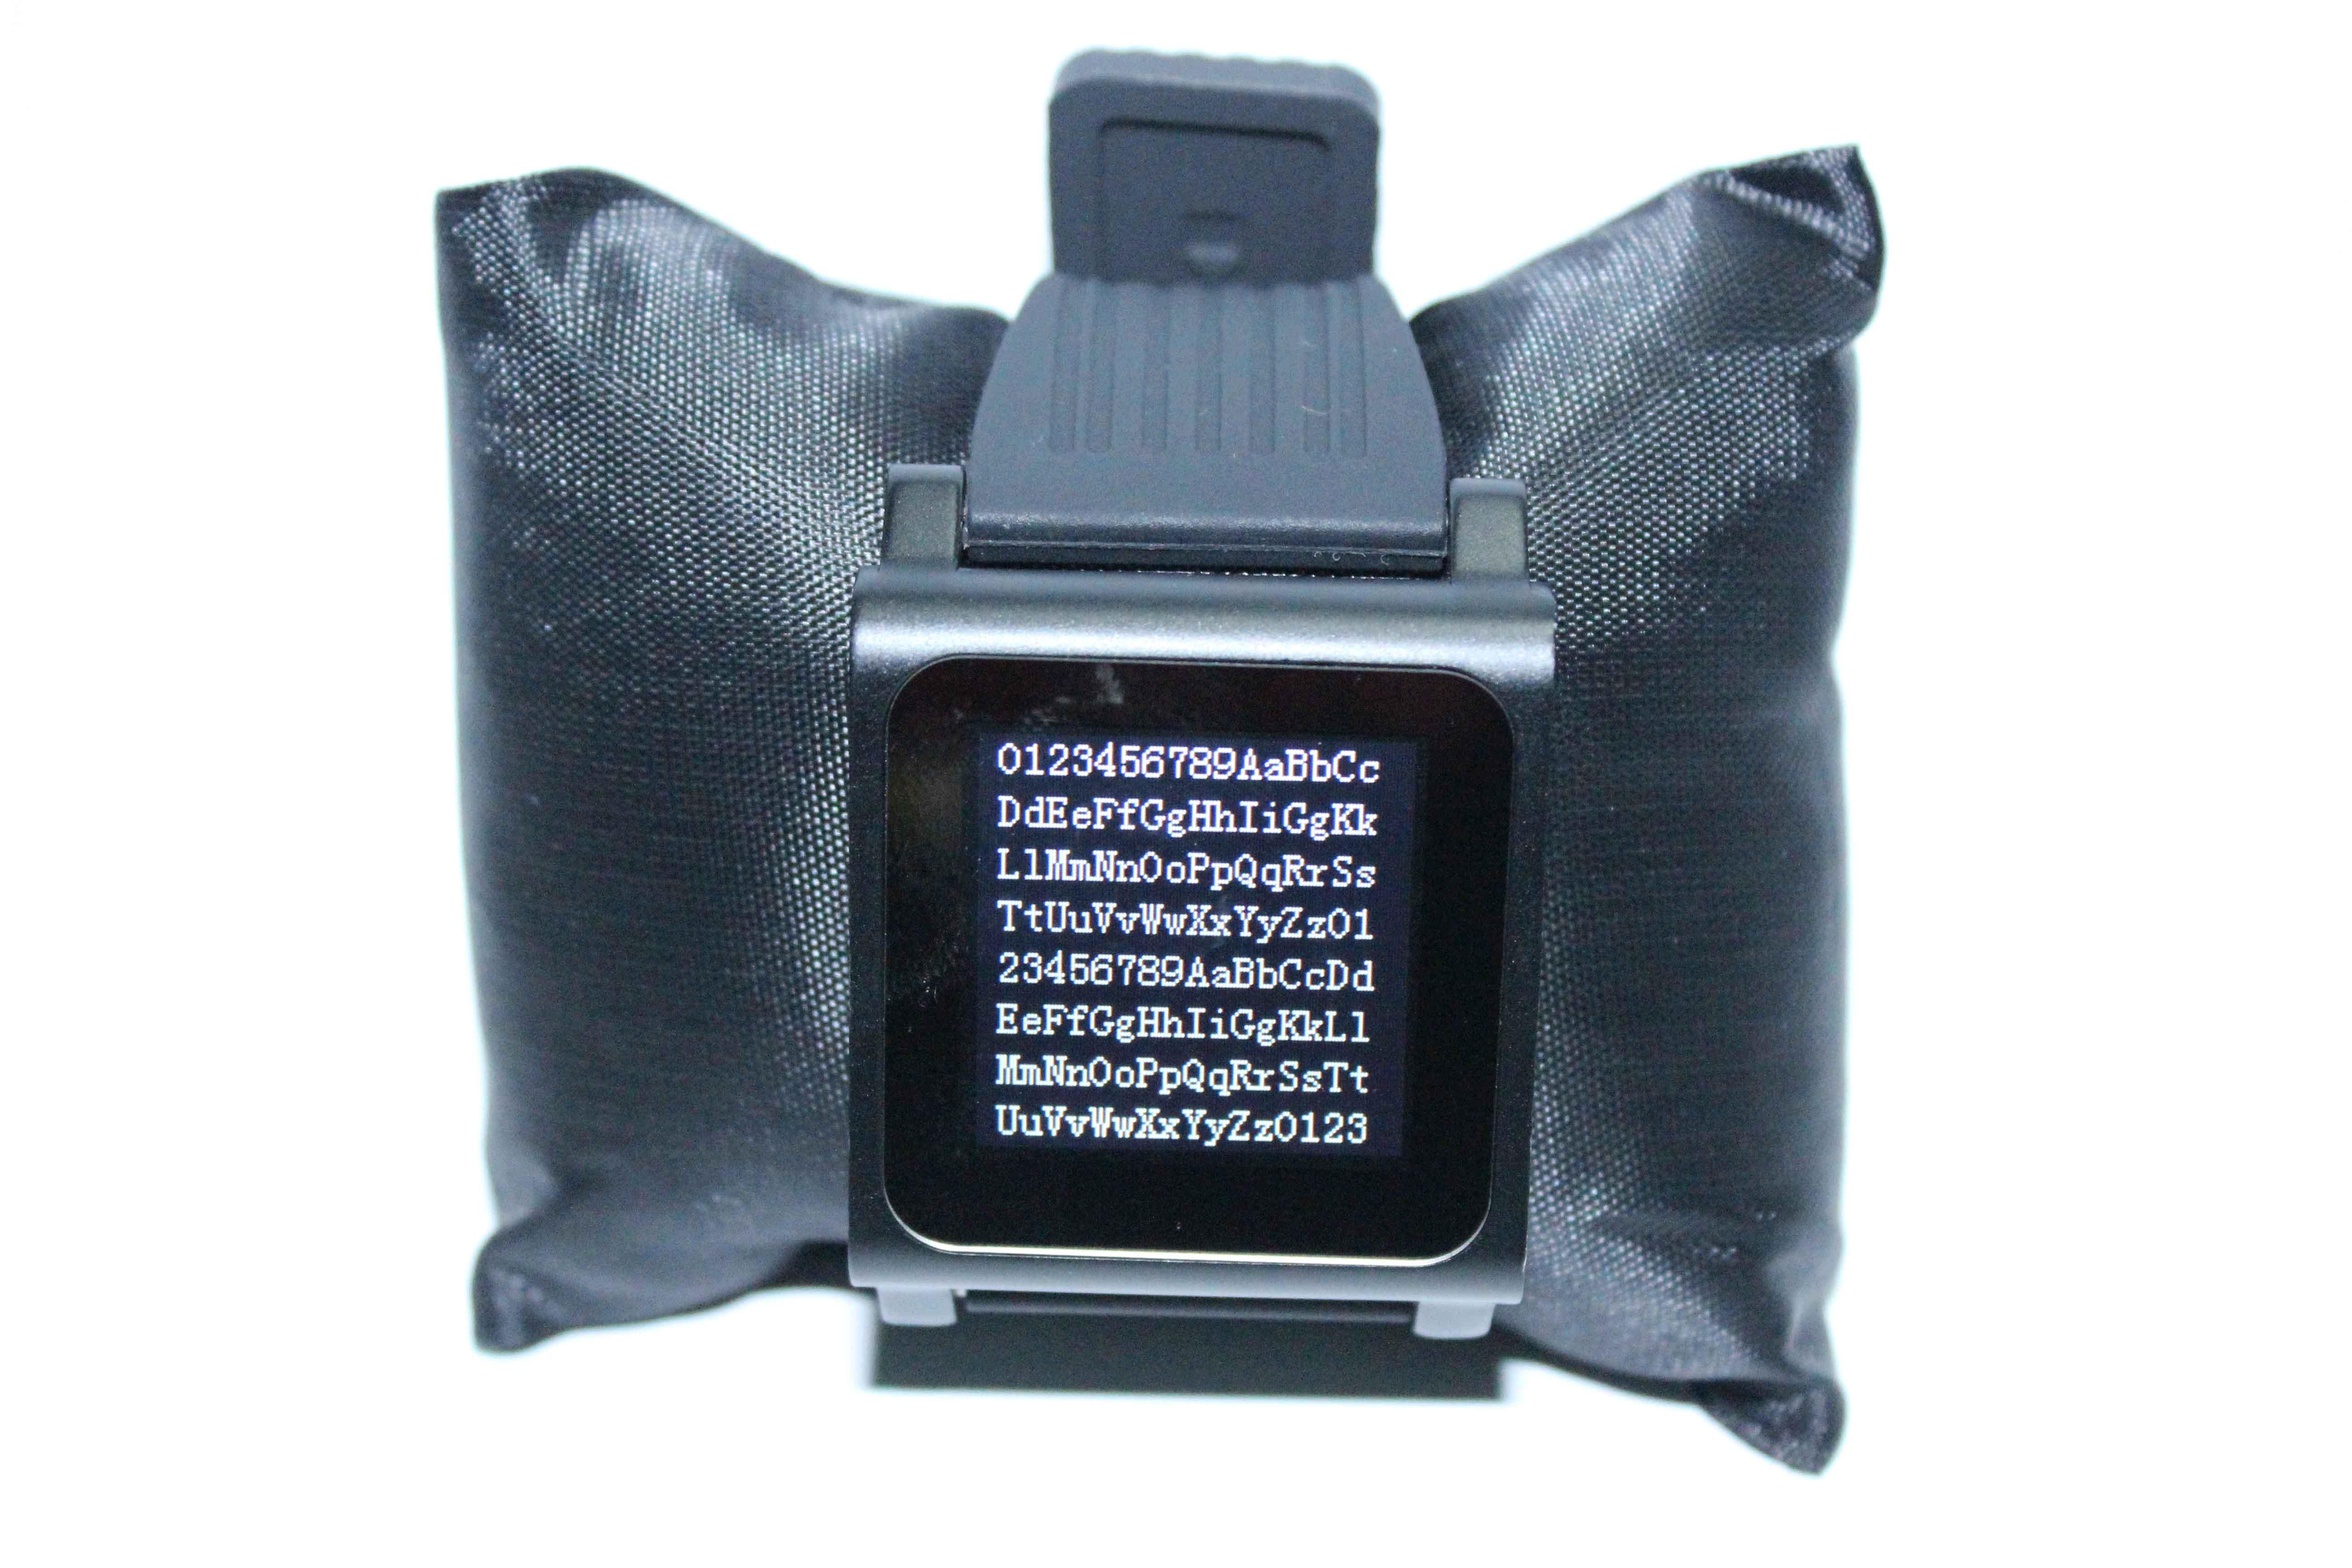 d28ac74ab0ac Reloj Chuleta con Botón de Emergencia - Multifreakshop